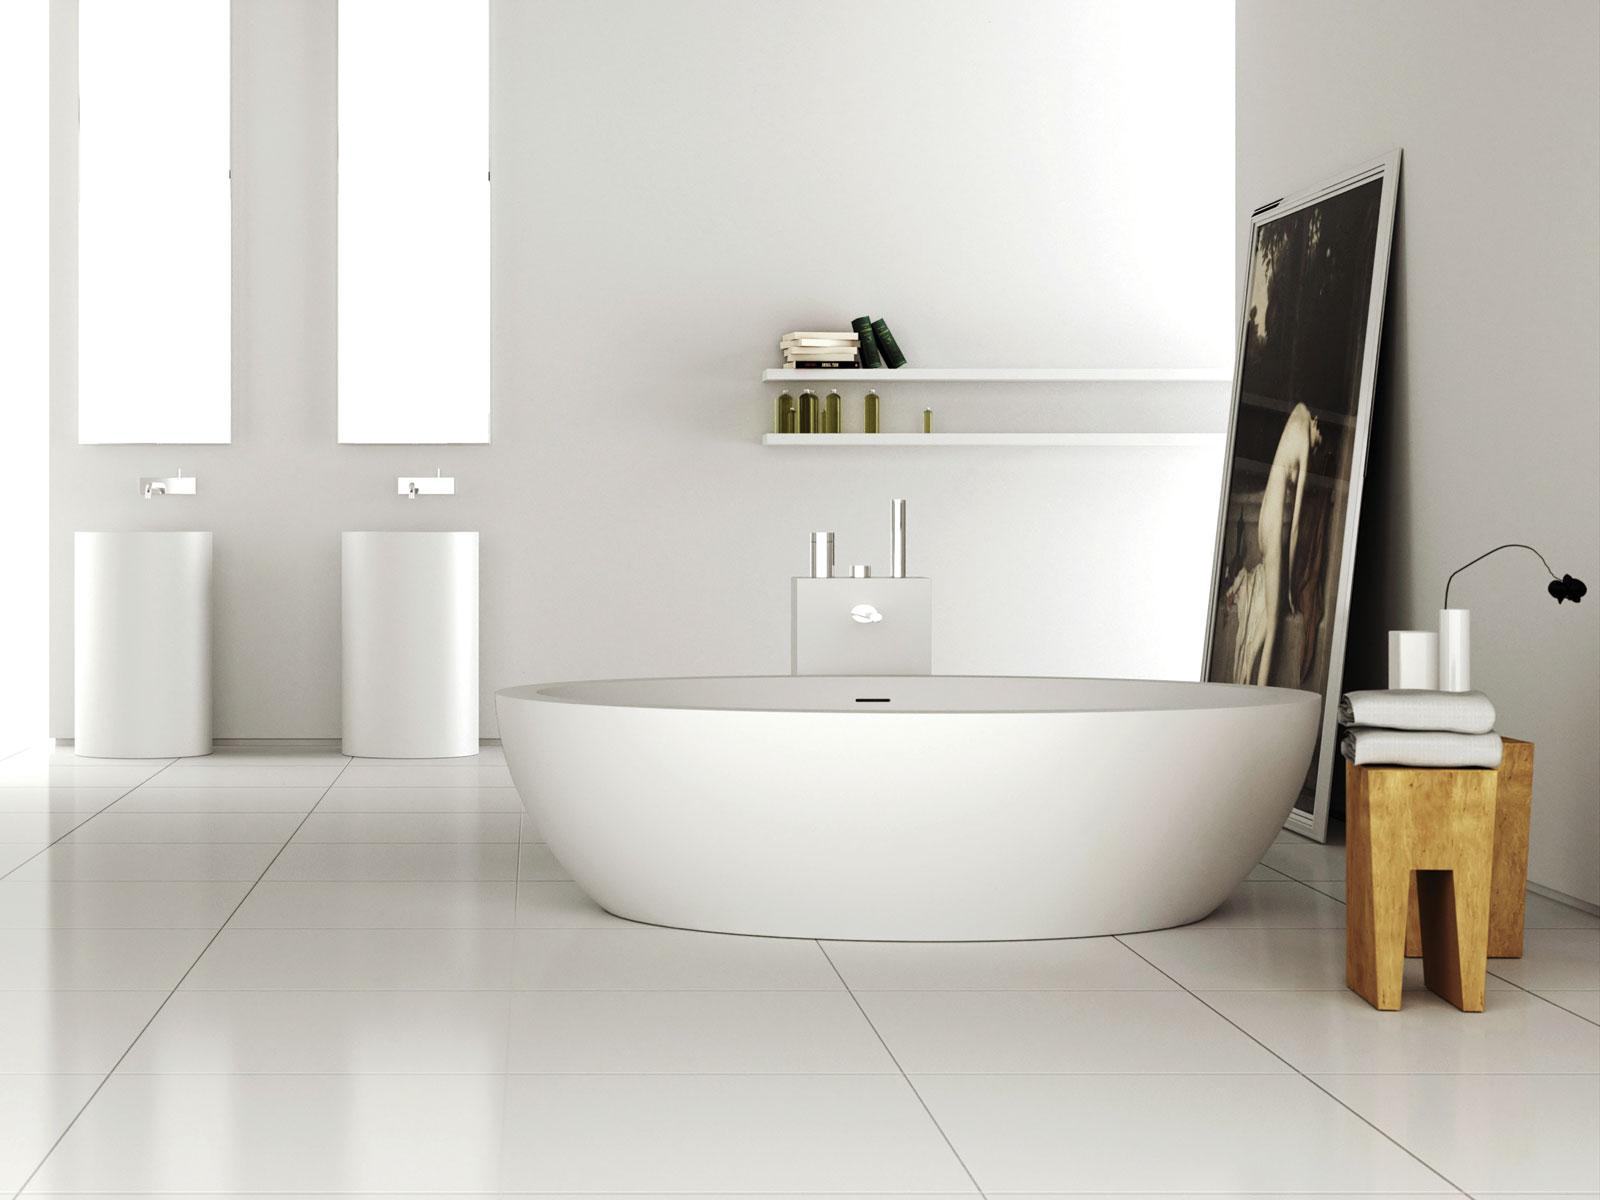 Mobili da bagno e camini moma design - Produzione vasche da bagno ...